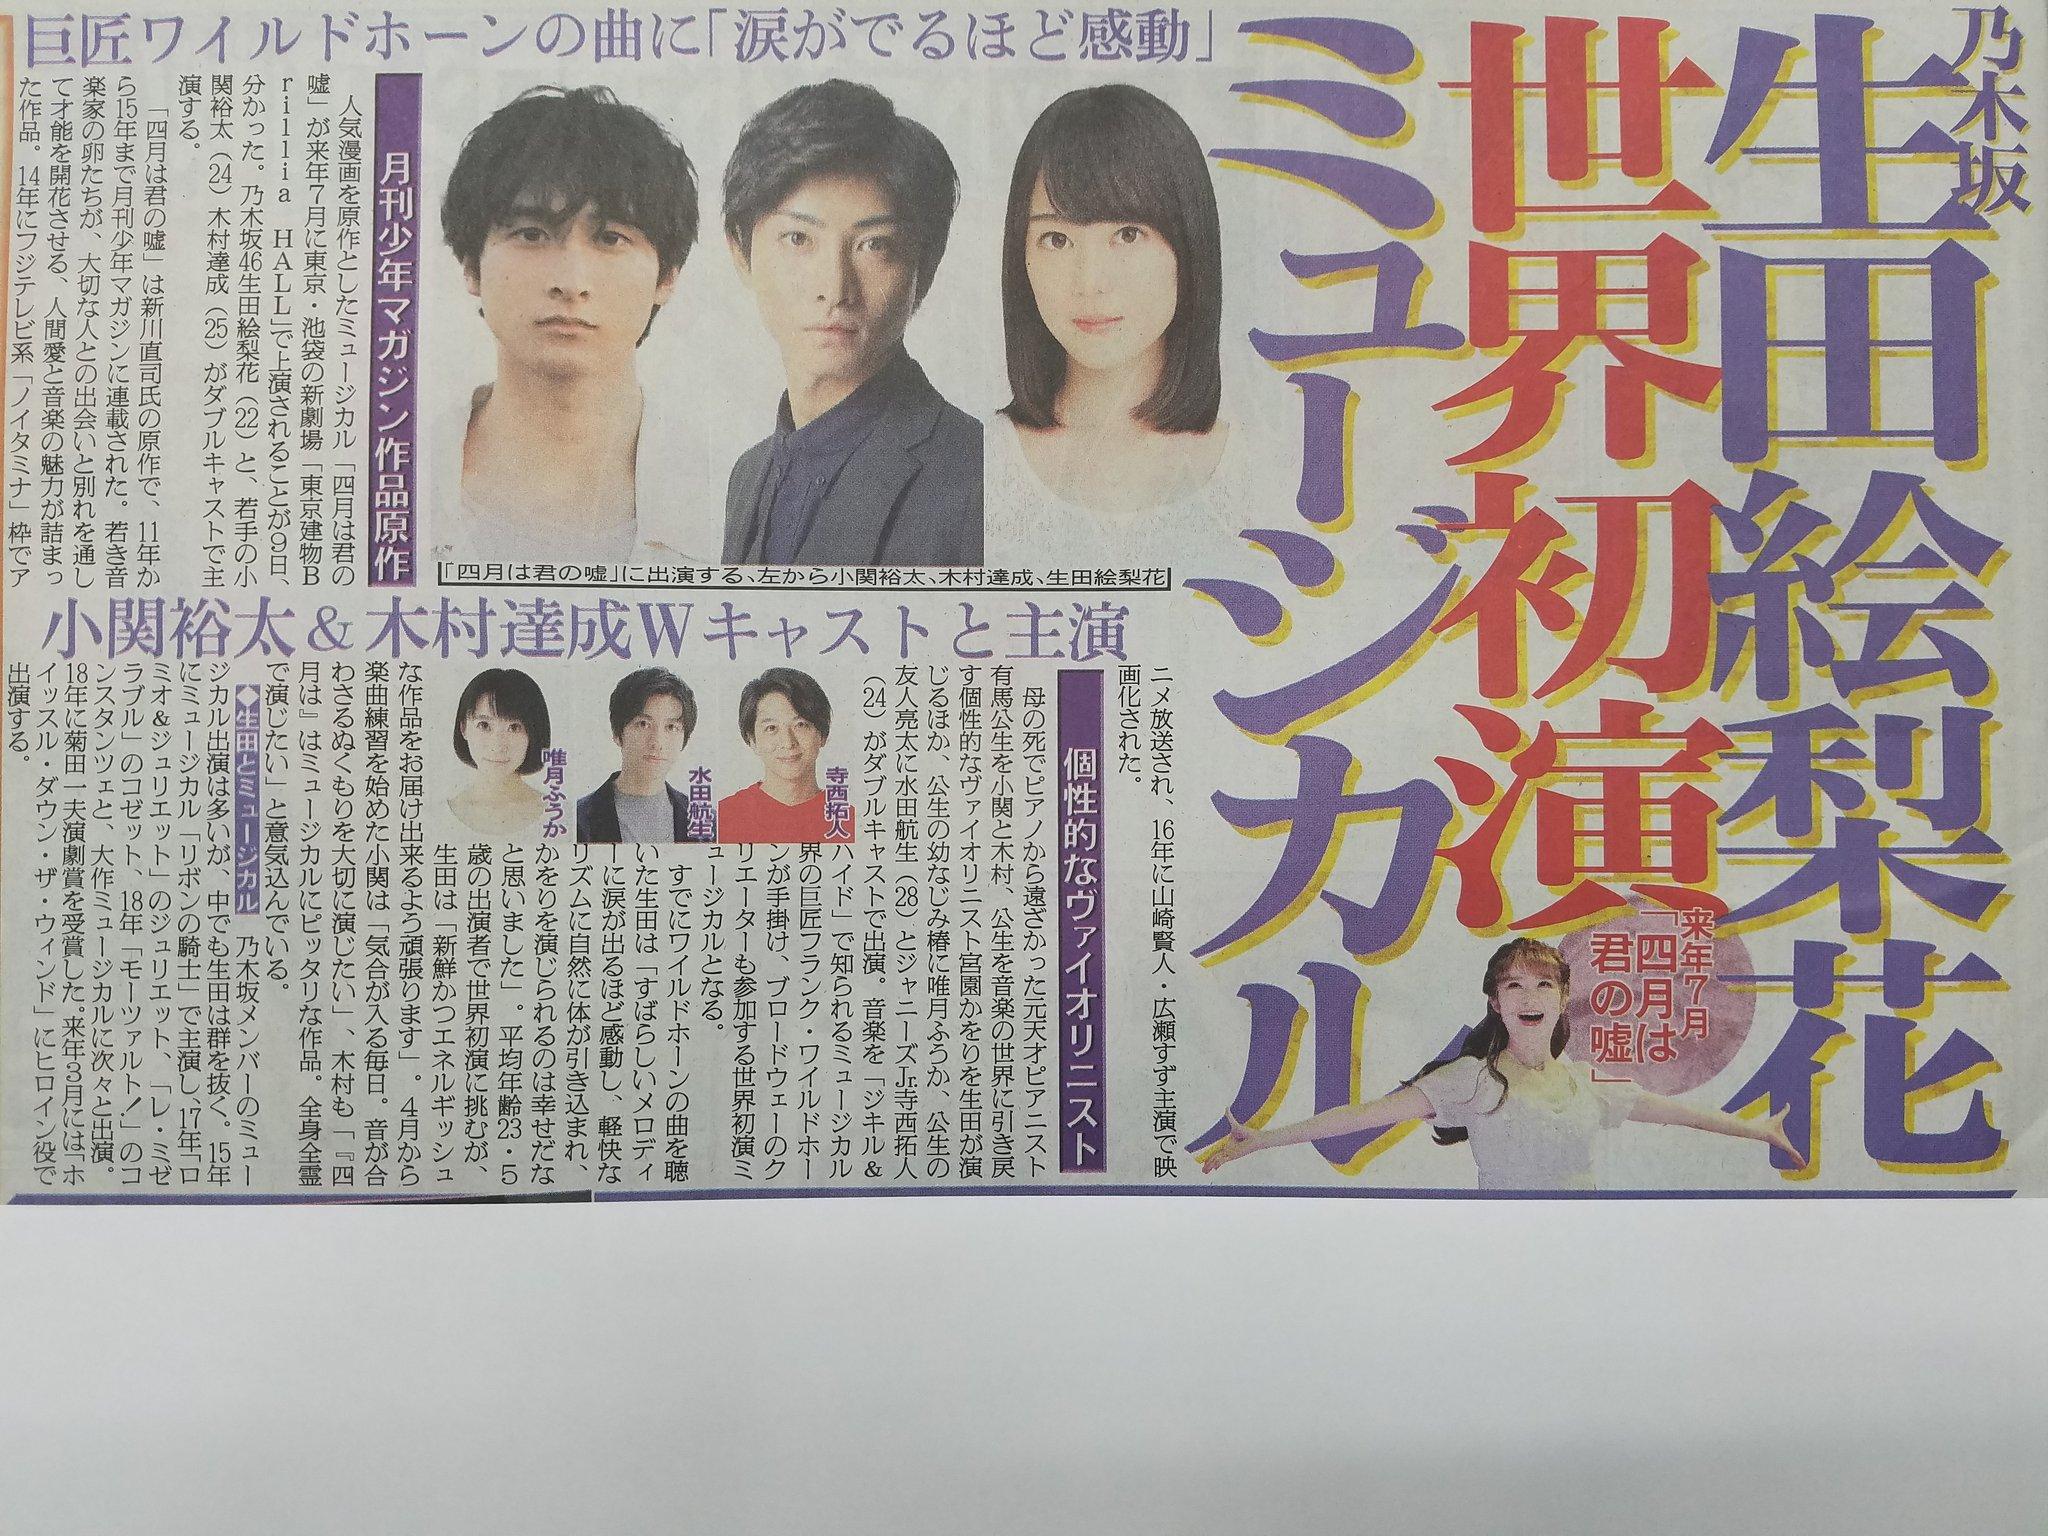 ミュージカル『四月は君の嘘』 生田絵梨花